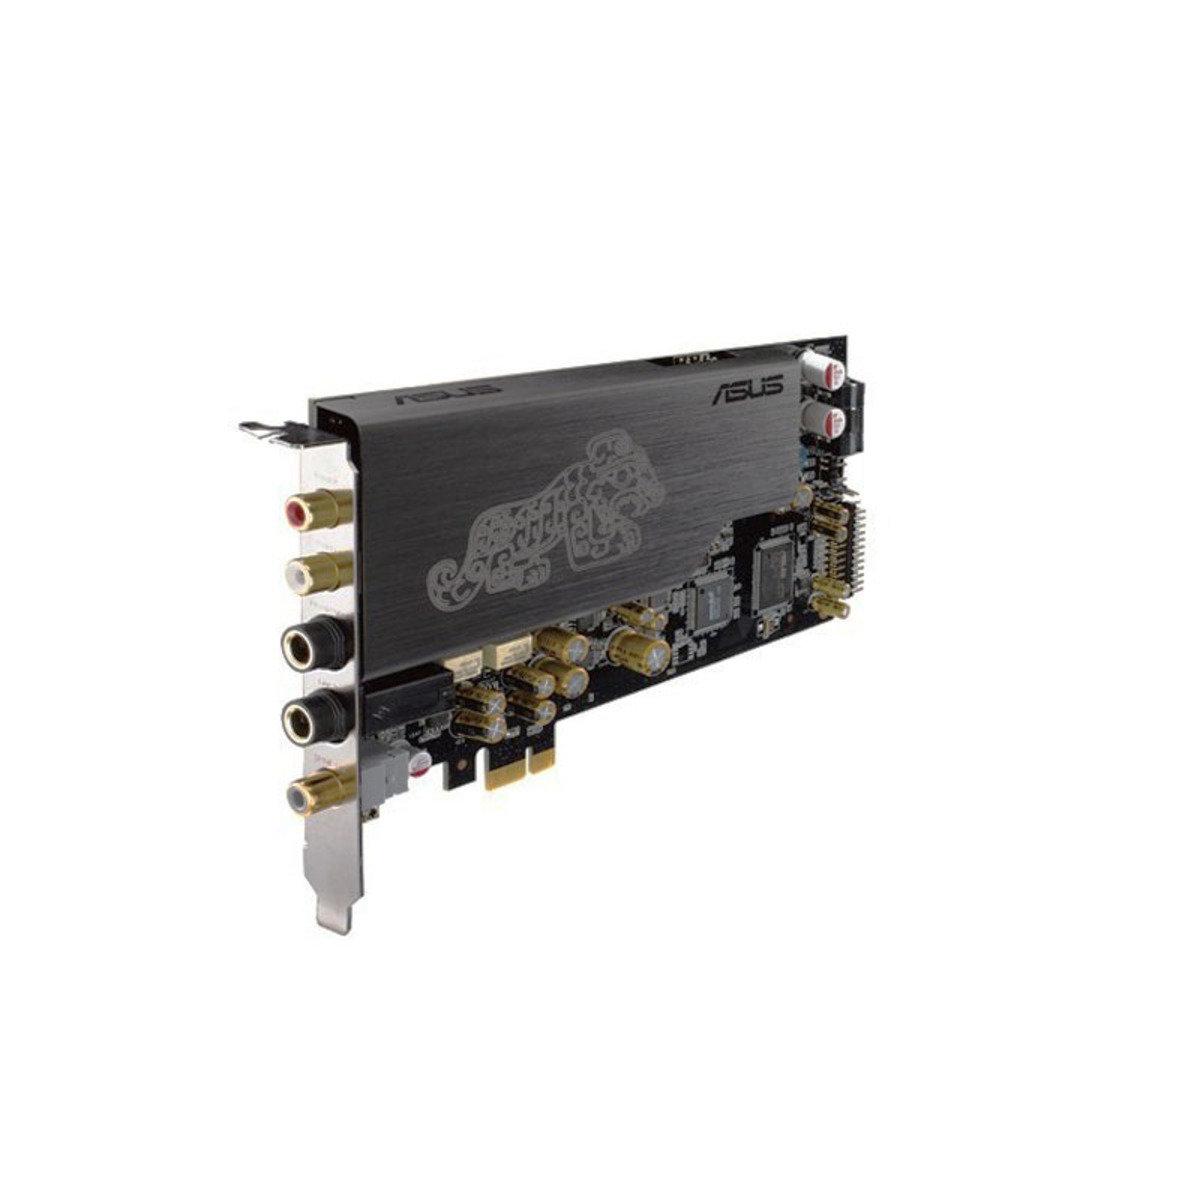 旗艦級 PCI-E 電腦內置音效卡 Essence STX II